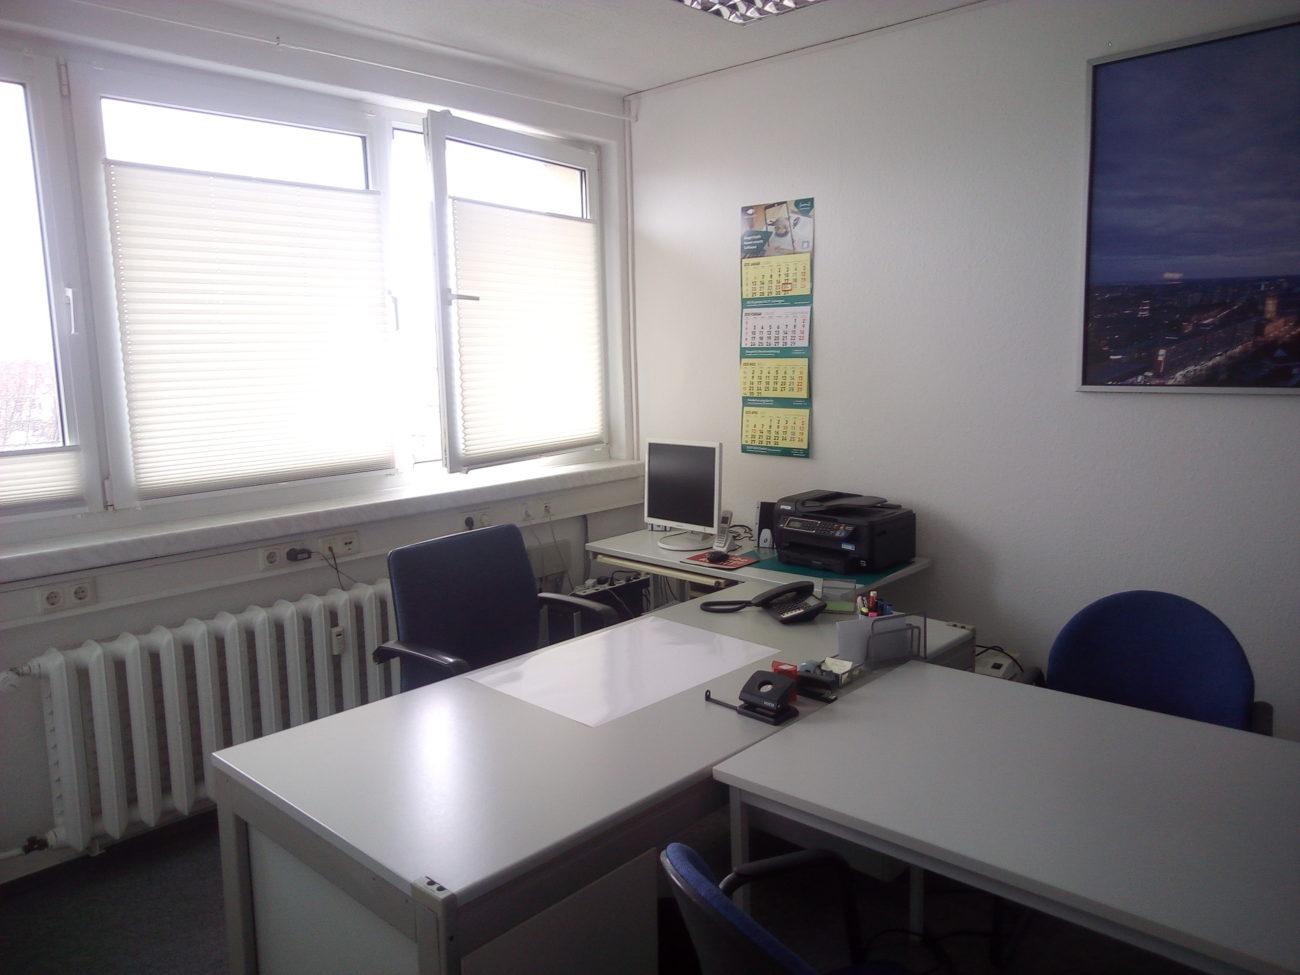 Home-Office, Homeoffice, IT-Sicherheit